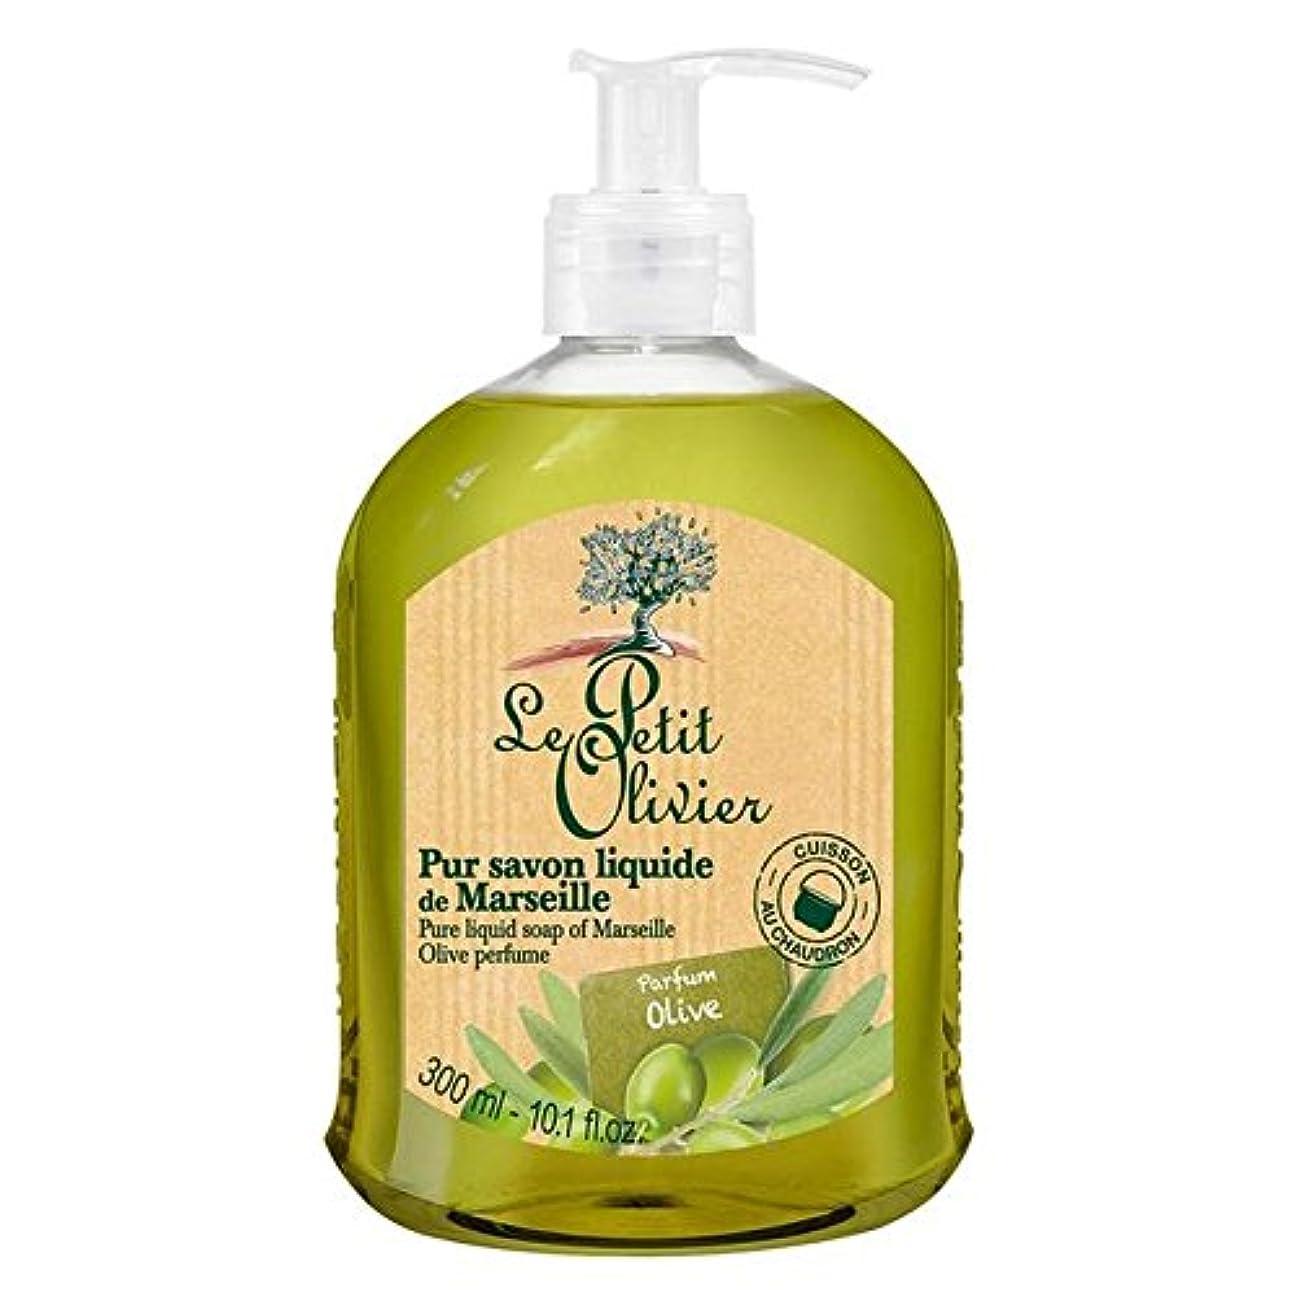 ブレイズ取り除くロックLe Petit Olivier Pure Liquid Soap of Marseille, Olive Oil 300ml - マルセイユのル?プティ?オリヴィエ純粋な液体石鹸、オリーブオイル300ミリリットル [並行輸入品]